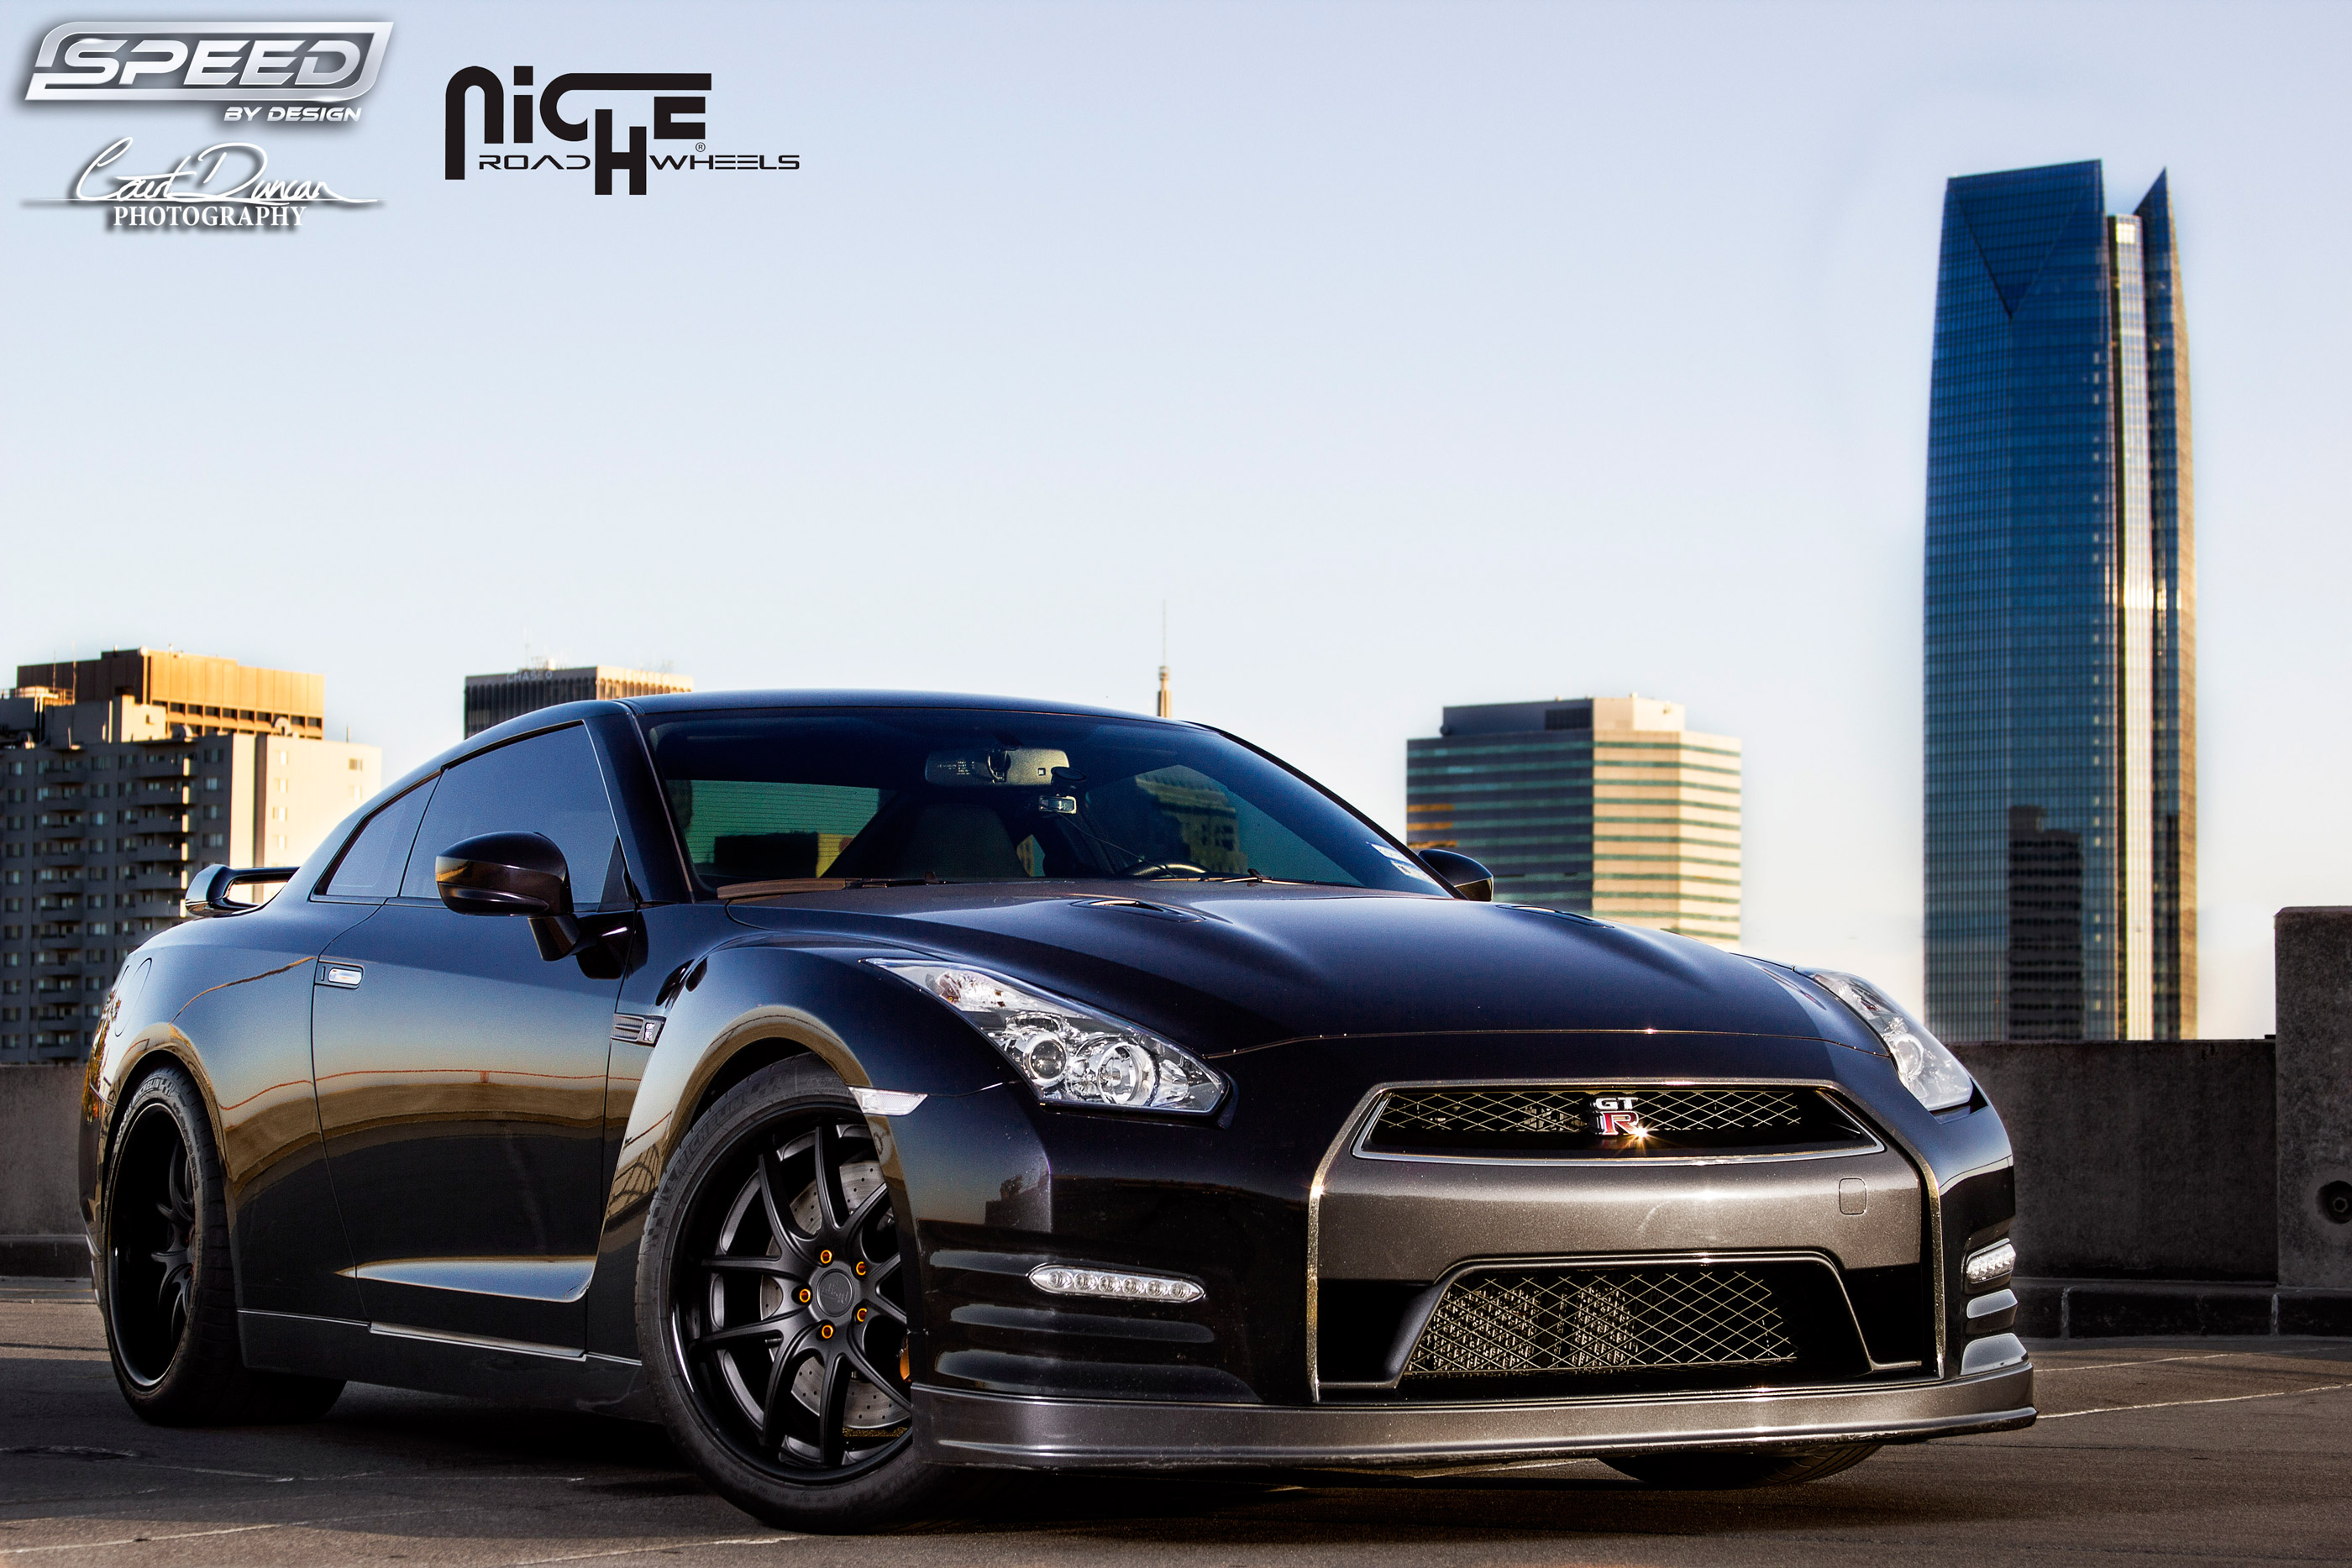 Gallery Niche Wheels Nissan Gt R Rims